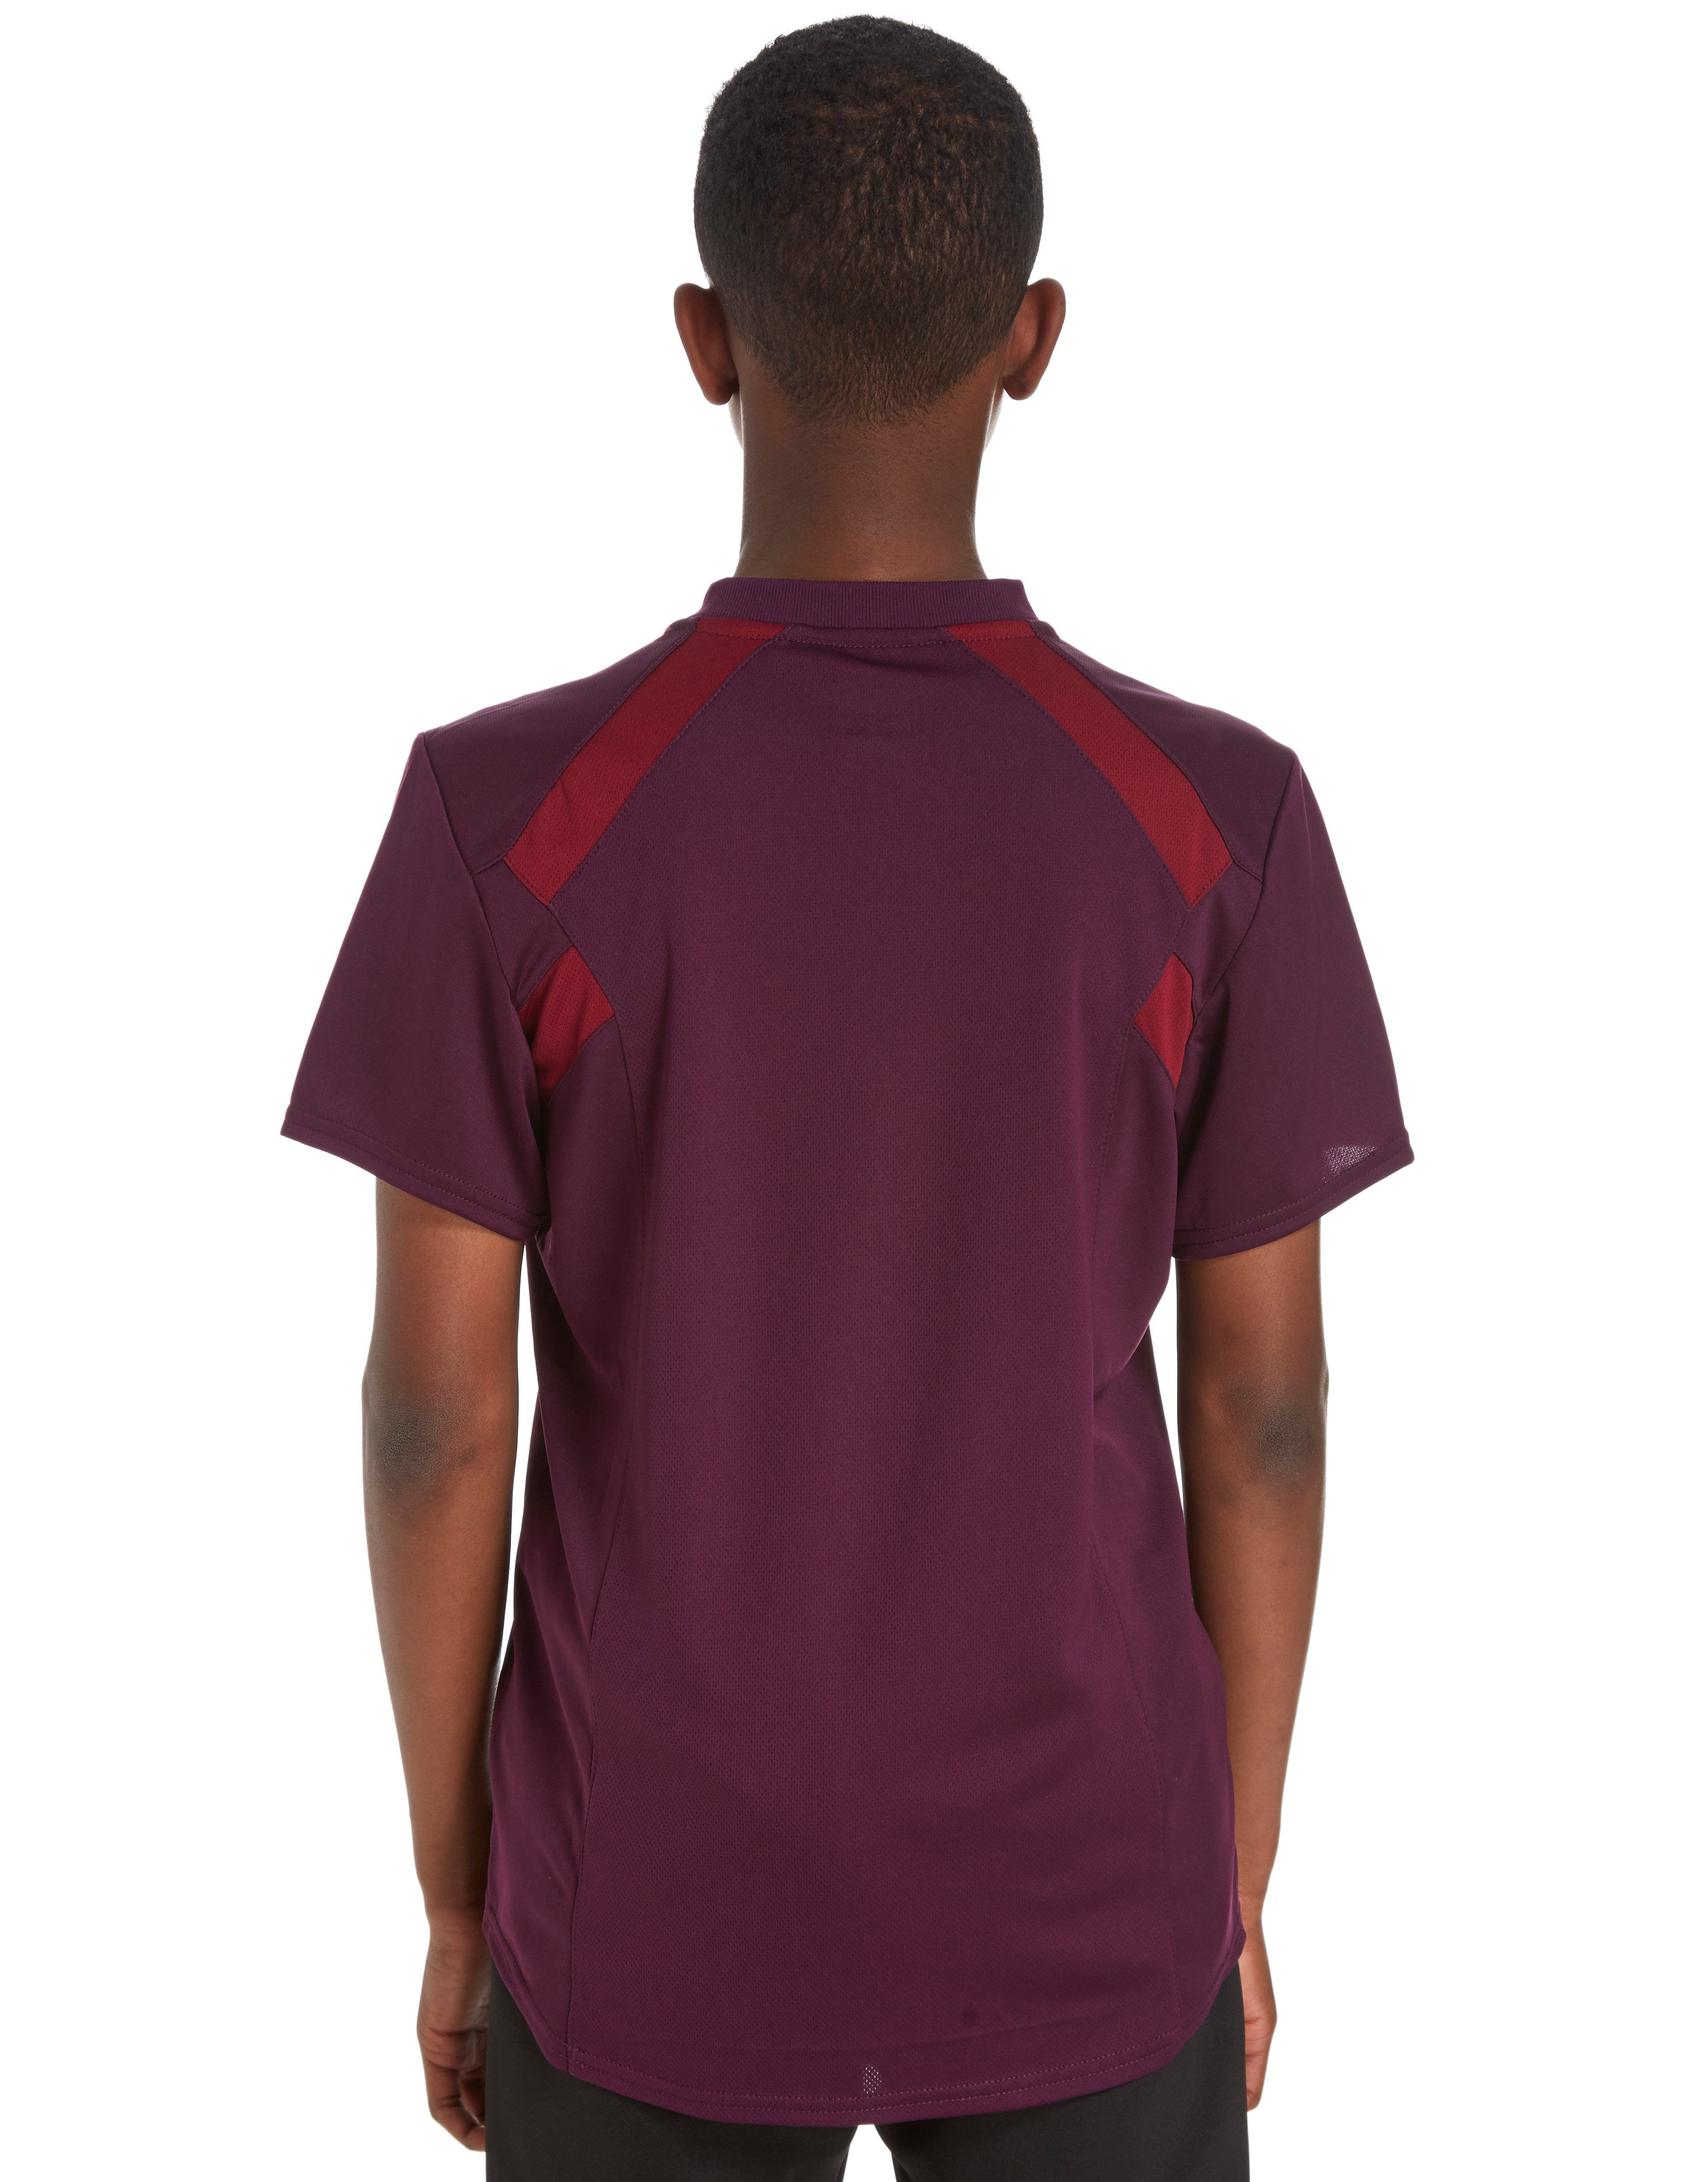 Umbro Maillot West Ham United Junior